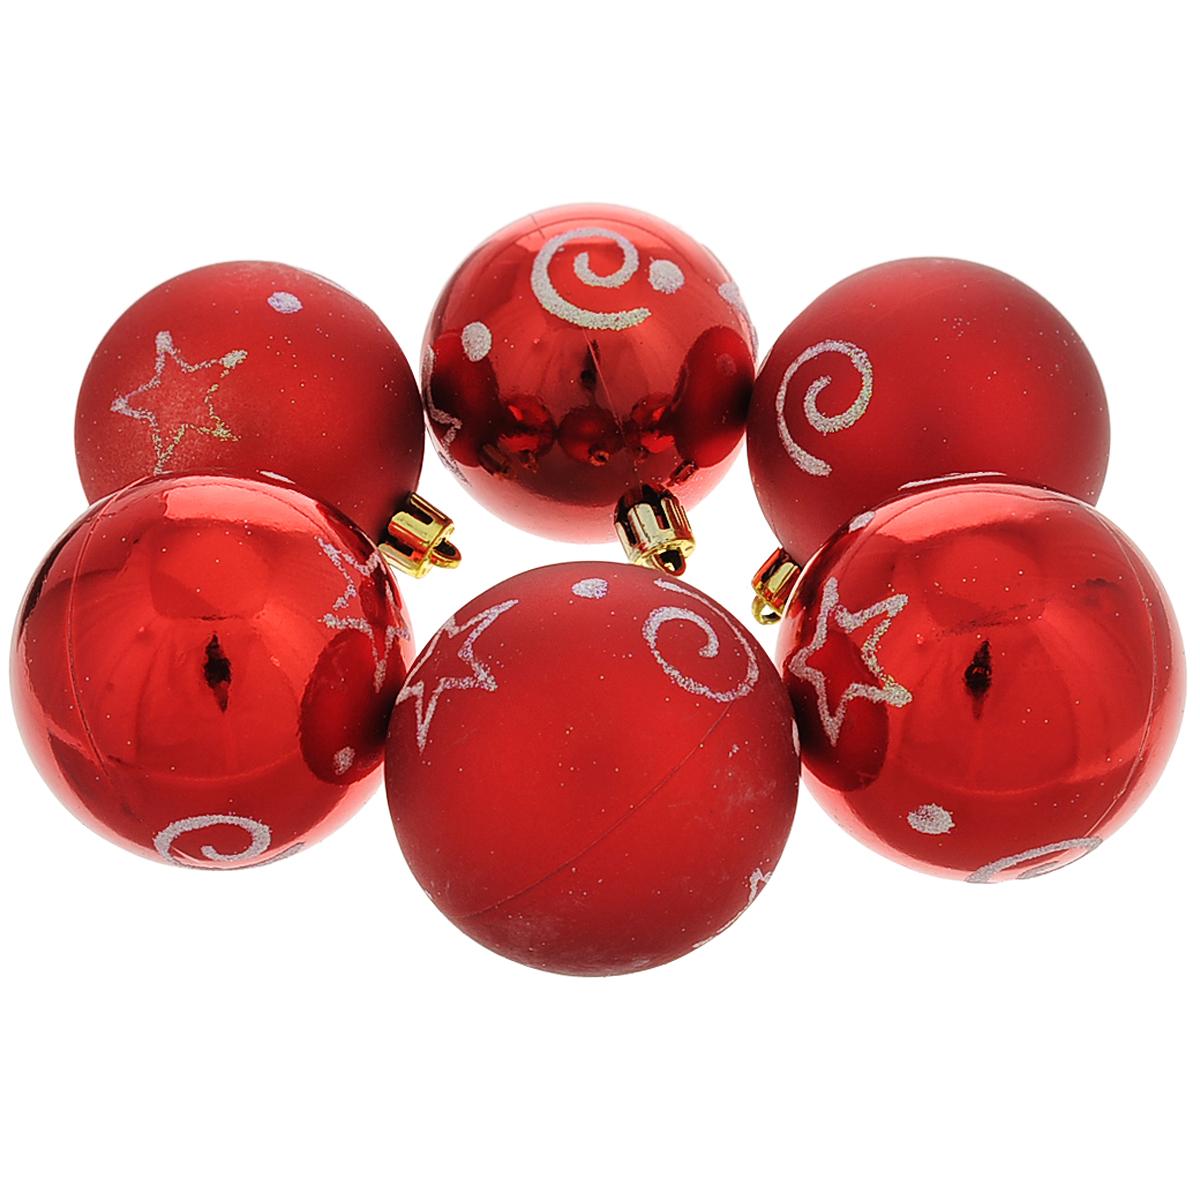 Набор новогодних подвесных украшений Шар, цвет: красный, серебристый, диаметр 6 см, 6 шт. 3550331062Набор новогодних подвесных украшений Шар прекрасно подойдет для праздничного декора новогодней ели. Состоит из шести шаров.Елочная игрушка - символ Нового года. Она несет в себе волшебство и красоту праздника. Создайте в своем доме атмосферу веселья и радости, украшая новогоднюю елку нарядными игрушками, которые будут из года в год накапливать теплоту воспоминаний. Коллекция декоративных украшений принесет в ваш дом ни с чем несравнимое ощущение волшебства! Откройте для себя удивительный мир сказок и грез. Почувствуйте волшебные минуты ожидания праздника, создайте новогоднее настроение вашим дорогим и близким.